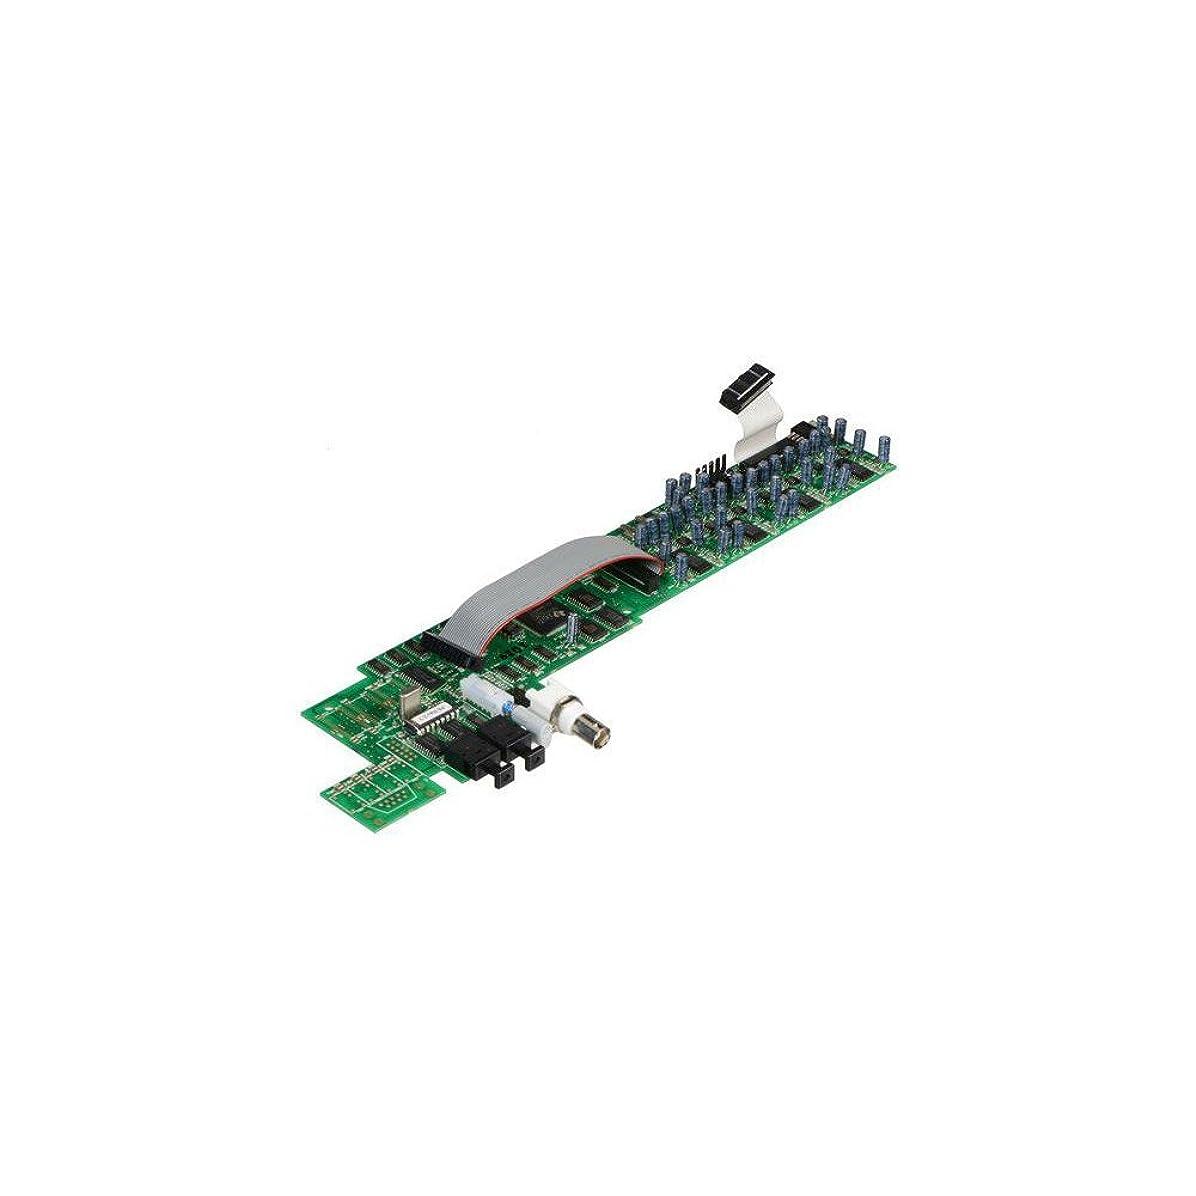 コンパイル消費空中Focusrite A/D オプションカード (ISA One/430 mkII用) ISA One/ISA 430 MKII用カード フォーカスライト